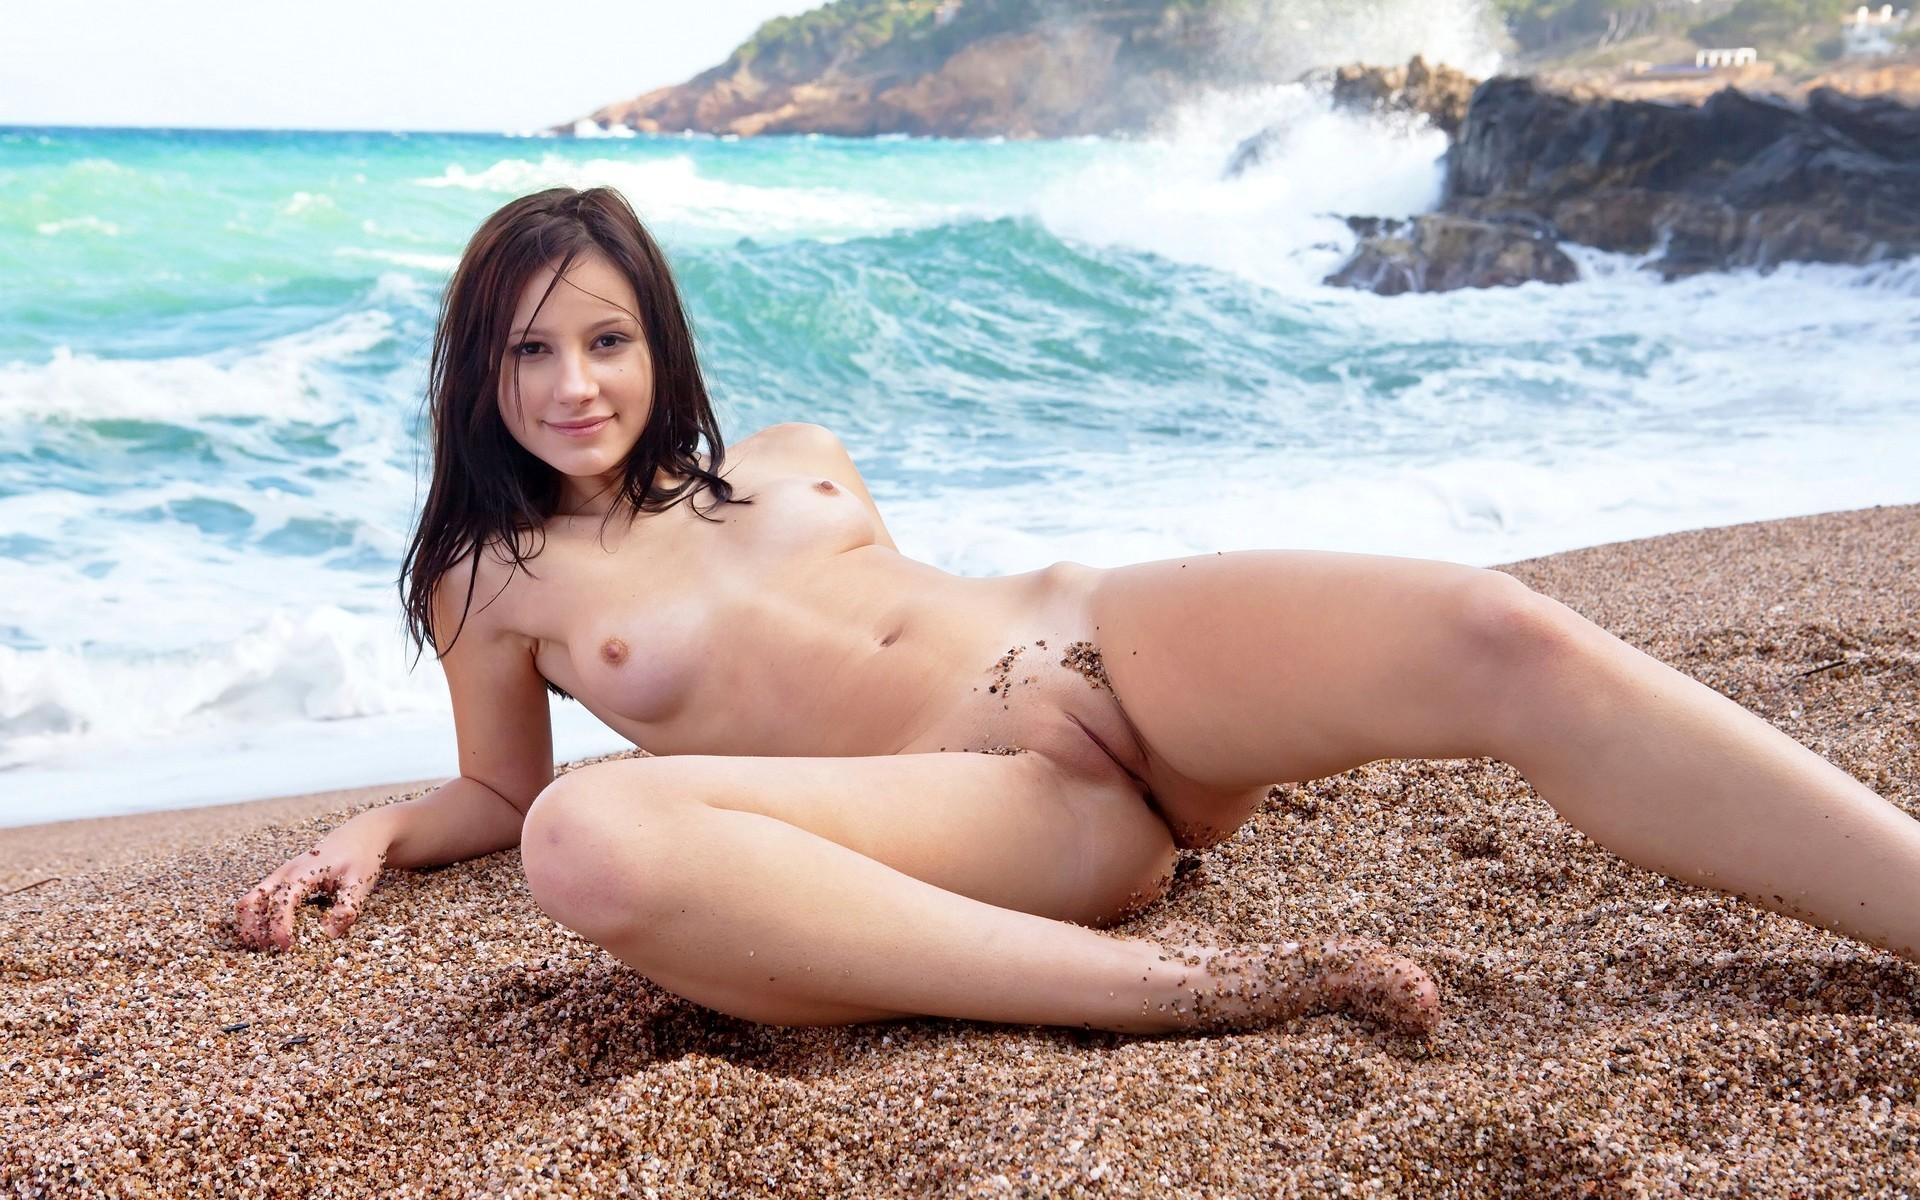 мокрая нудистка загорает на пляже скачать